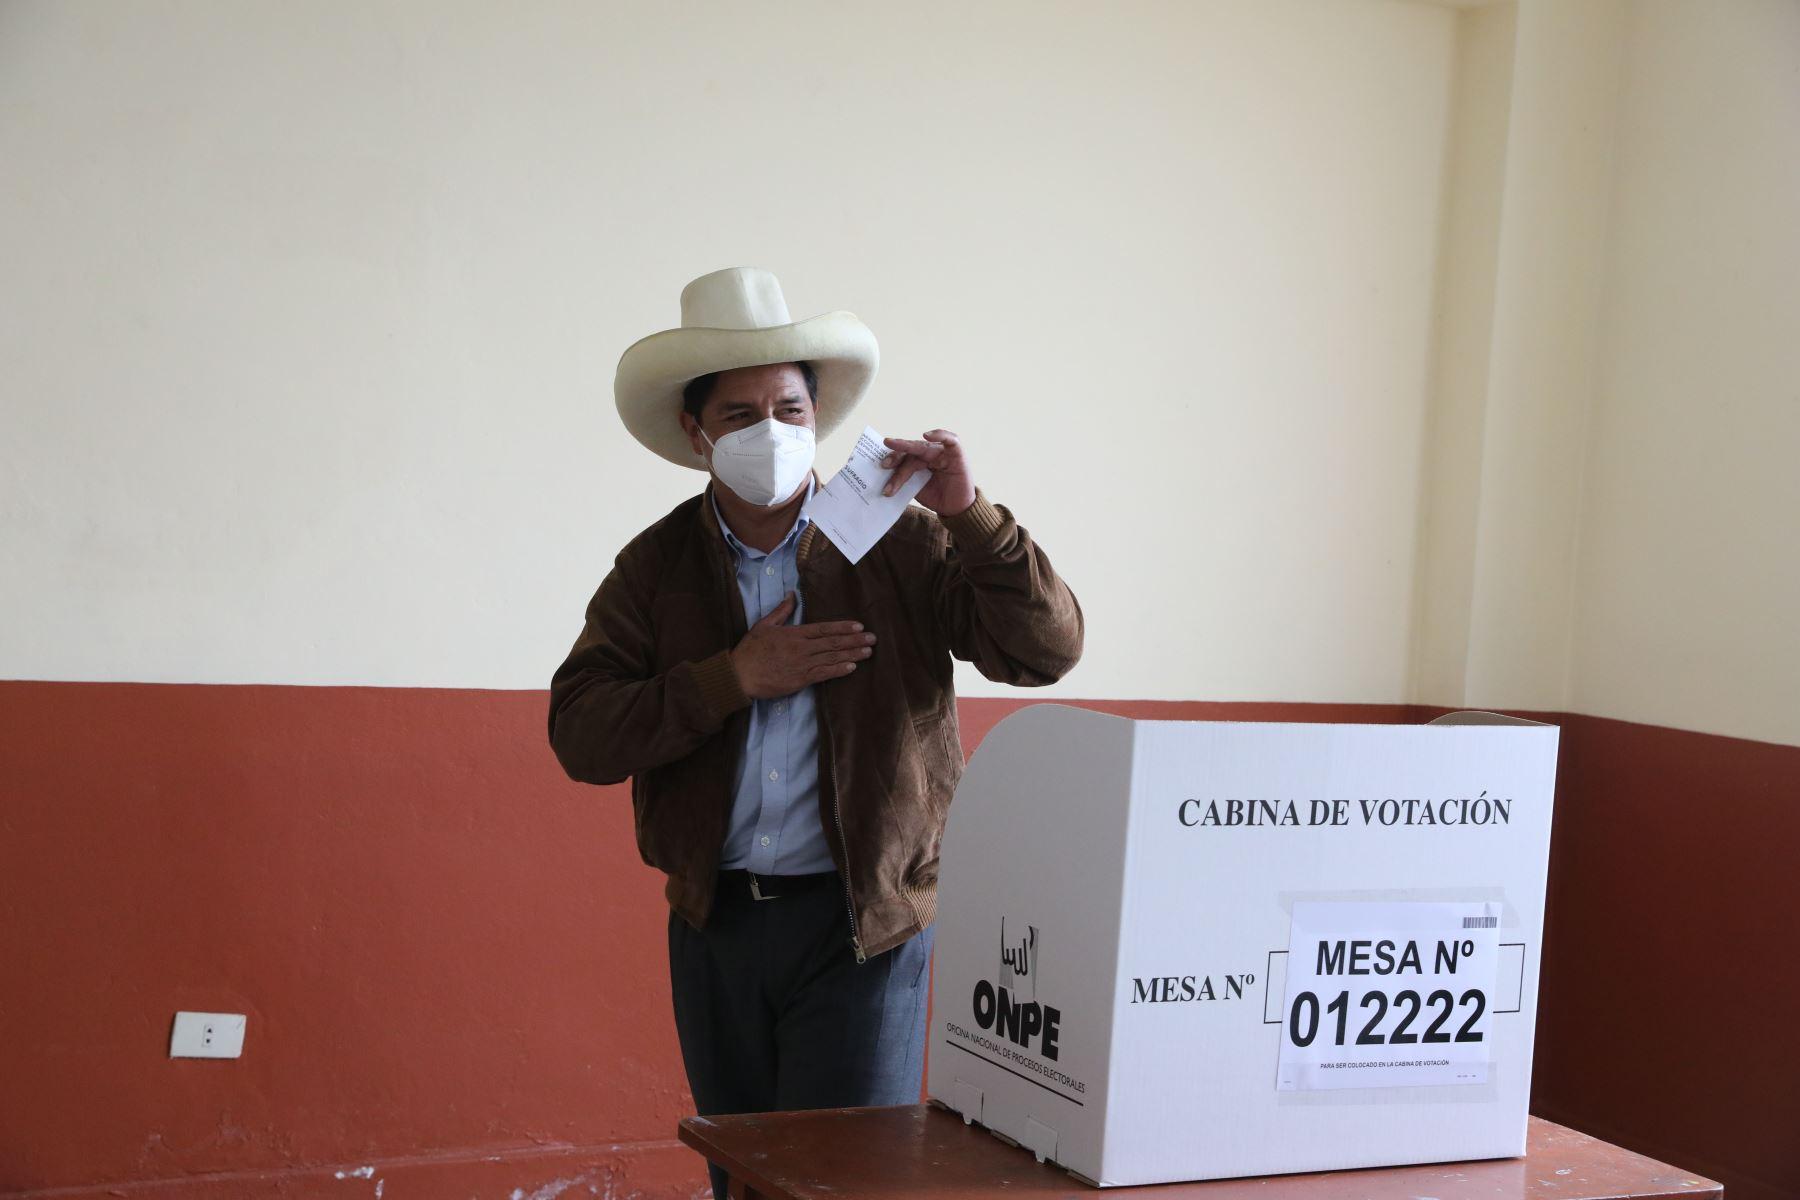 CAJAMARCA (PERÚ), 06/06/2021.-El candidato presidencial de Perú Libre,  Pedro Castillo, emite su voto en la I.E Salomón Díaz de Tacabamba en Cajamarca, durante la jornada de la segunda vuelta electoral.  Foto: ANDINA/Andres Valle